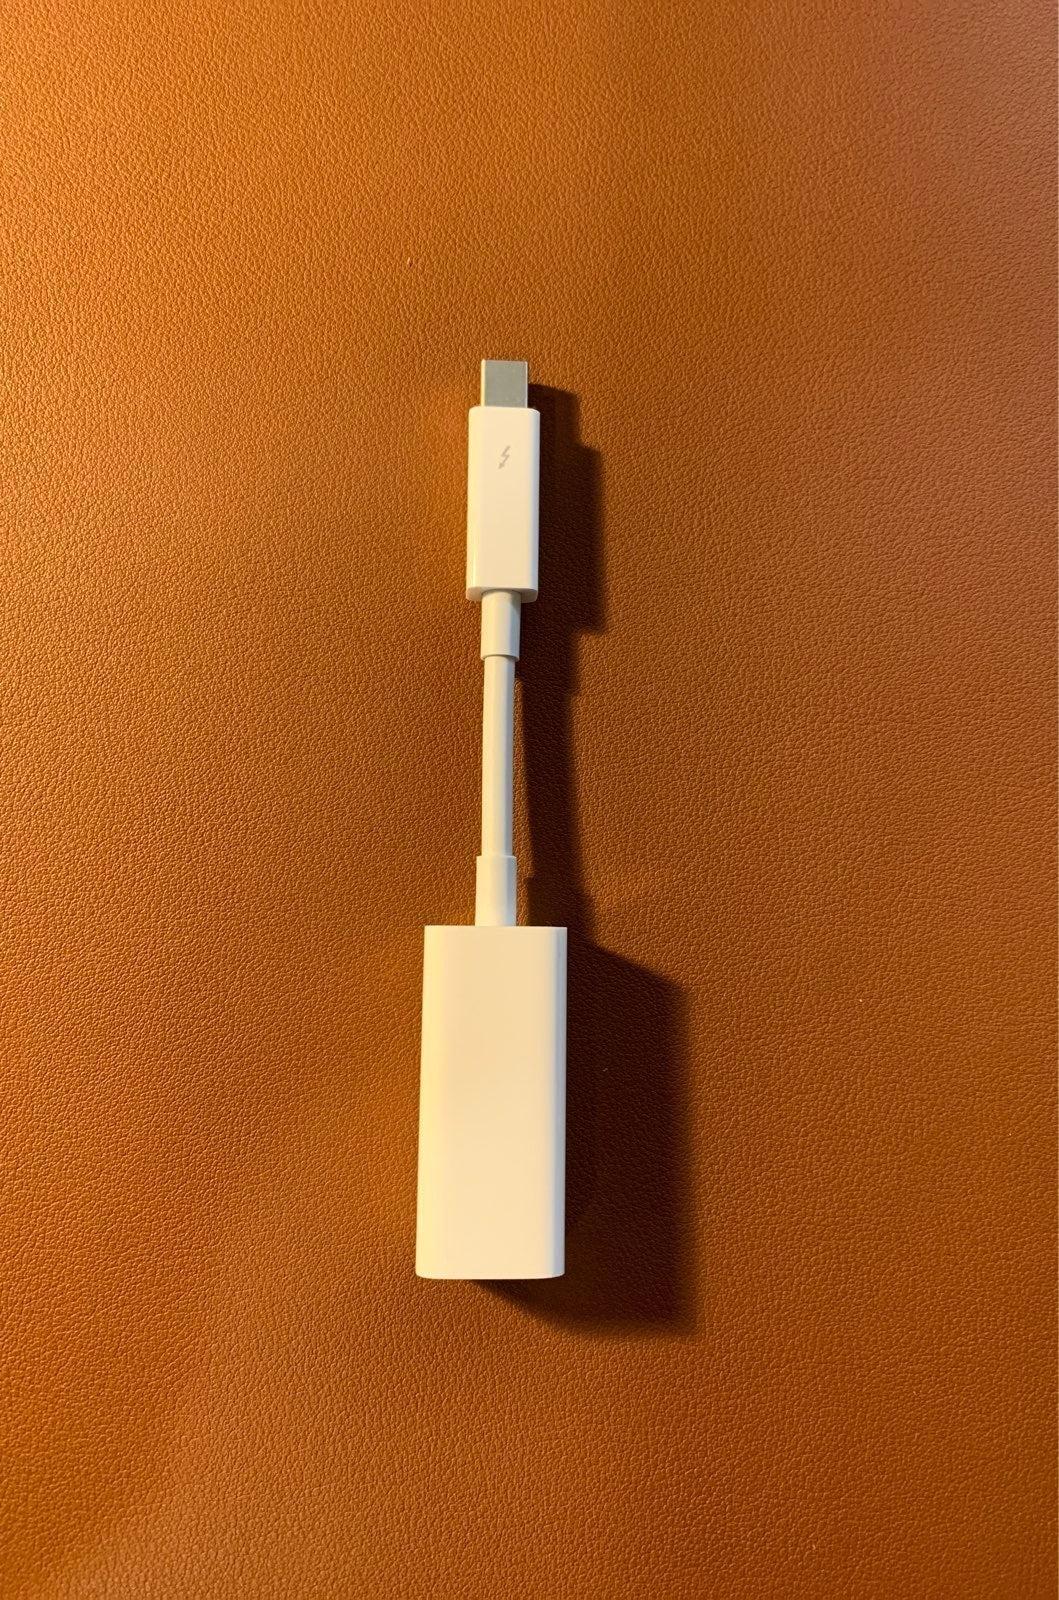 Apple Thunderbolt-to-Gigabit Ethernet Ad